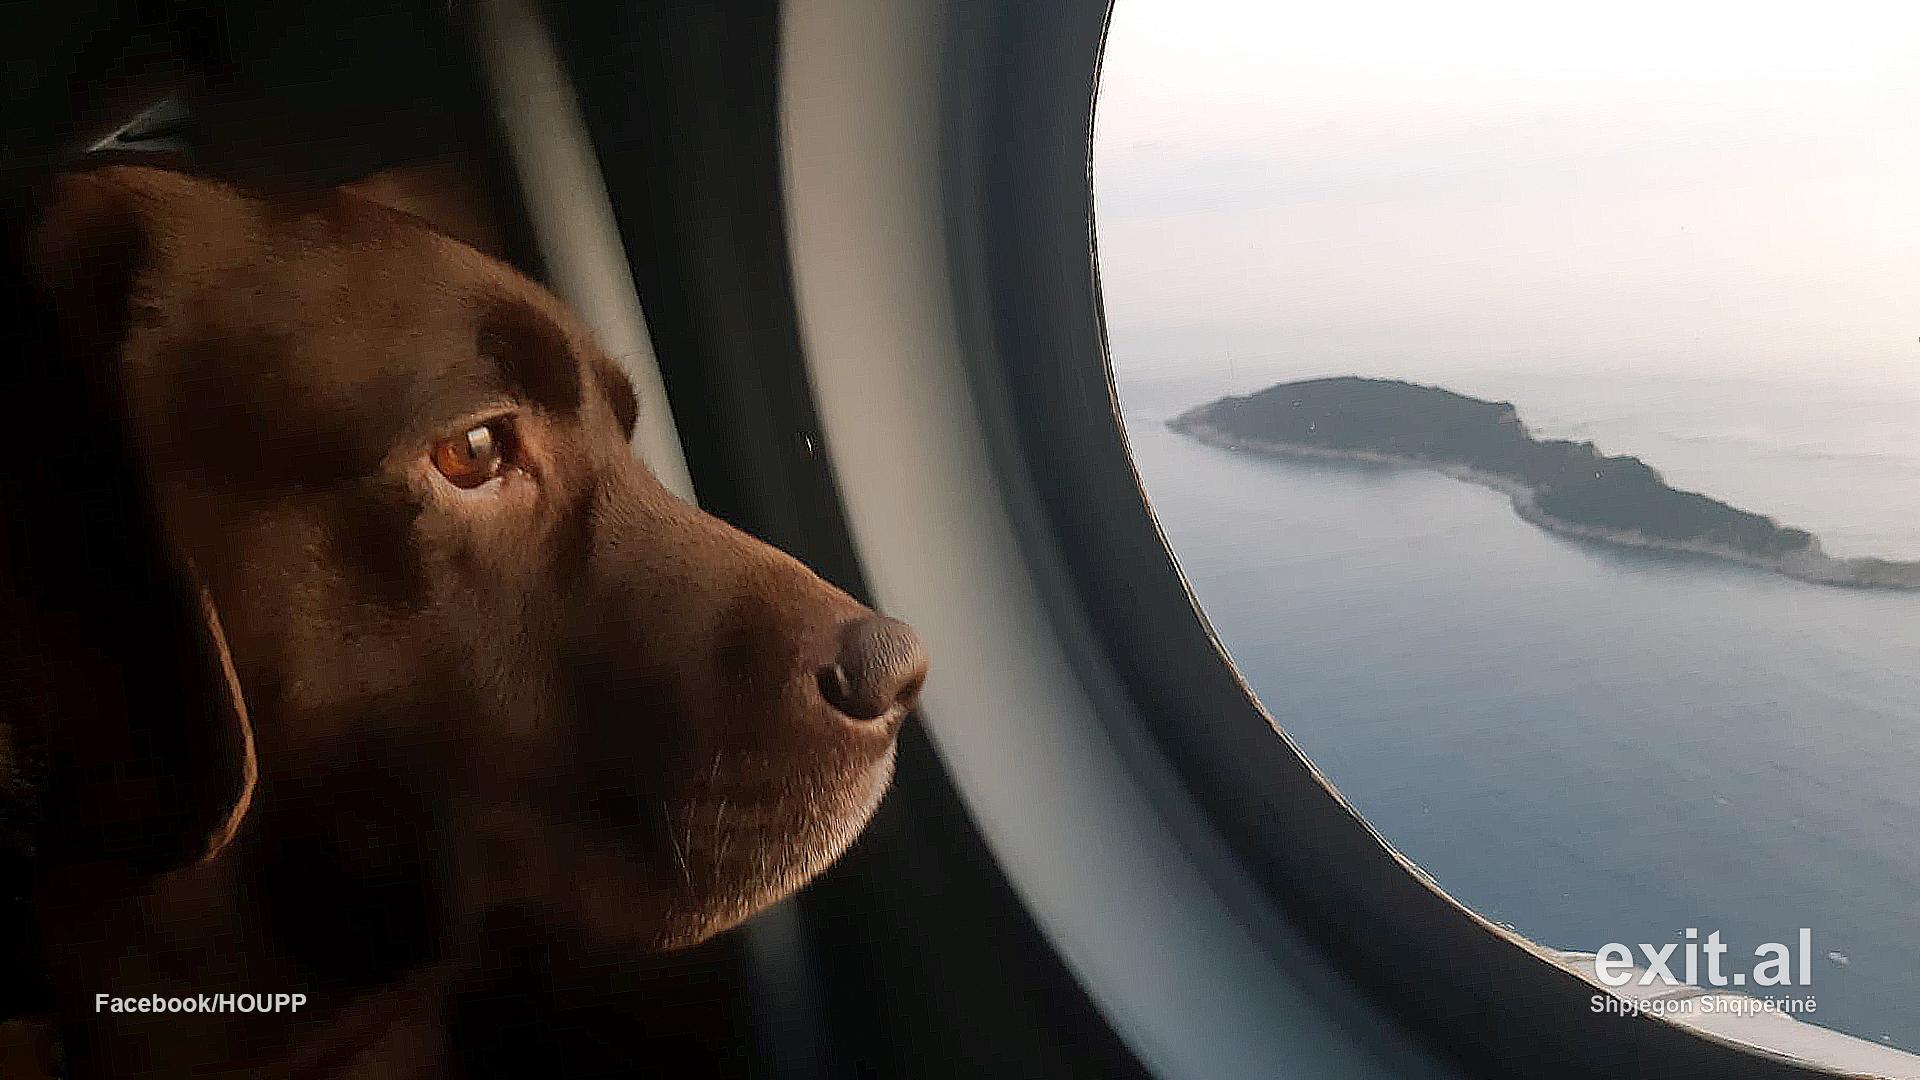 Kush janë qentë heronj të ekipeve të huaja të kërkim-shpëtimit